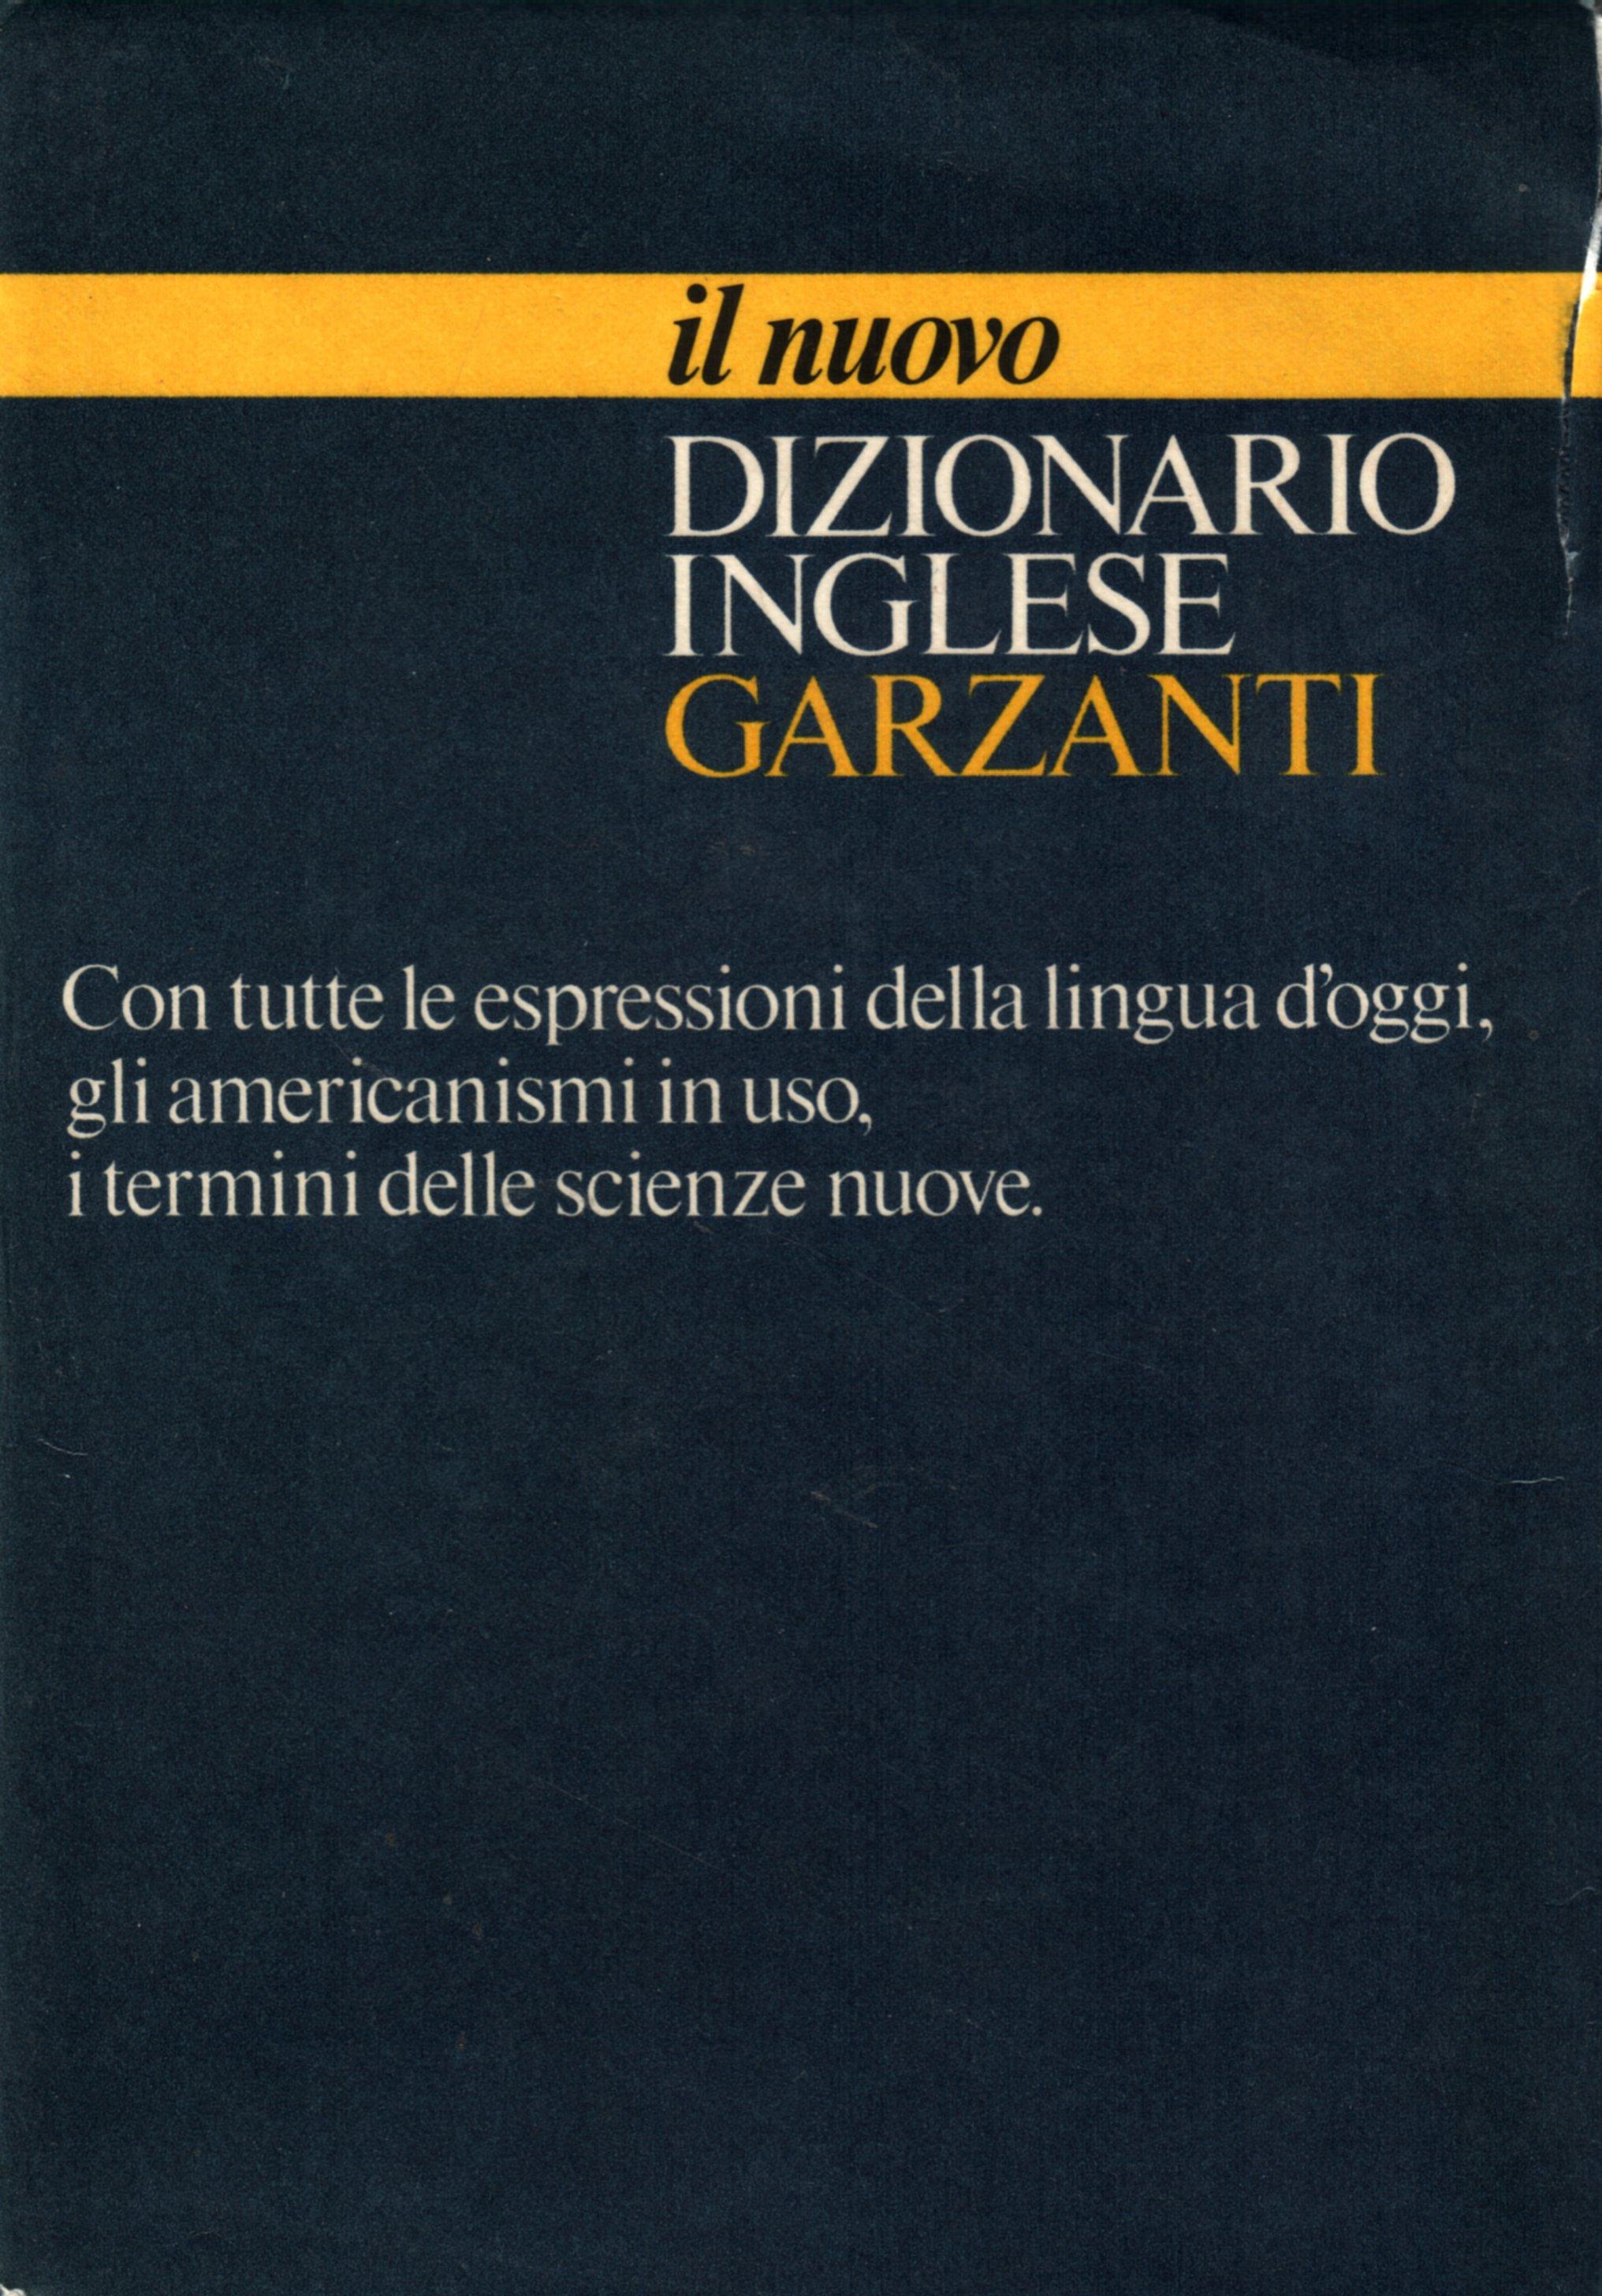 Il nuovo dizionario inglese Garzanti